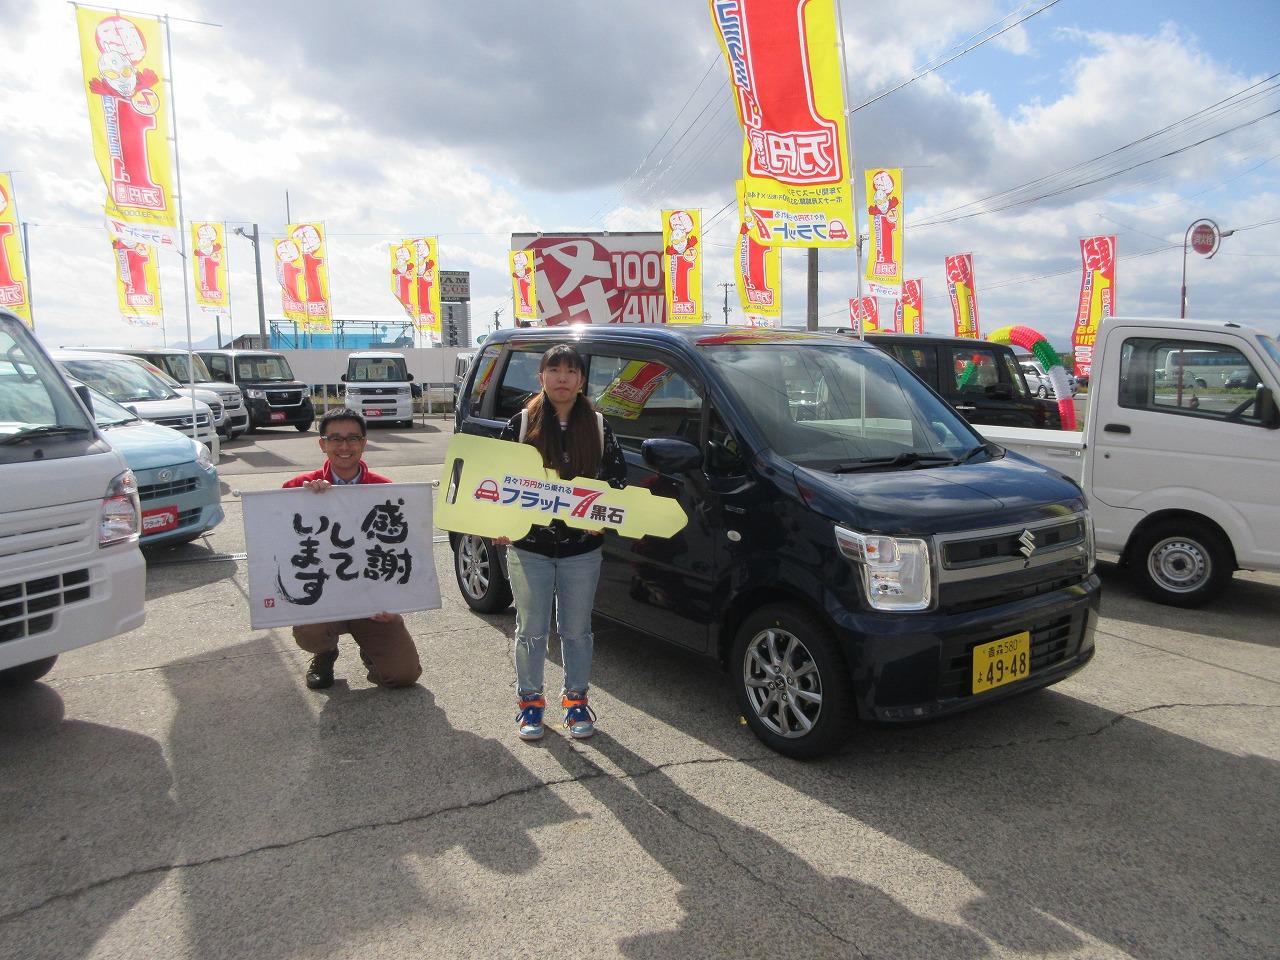 ワゴンR 平川市のお客様のイメージ画像|黒石カーリース専門店フラット7黒石